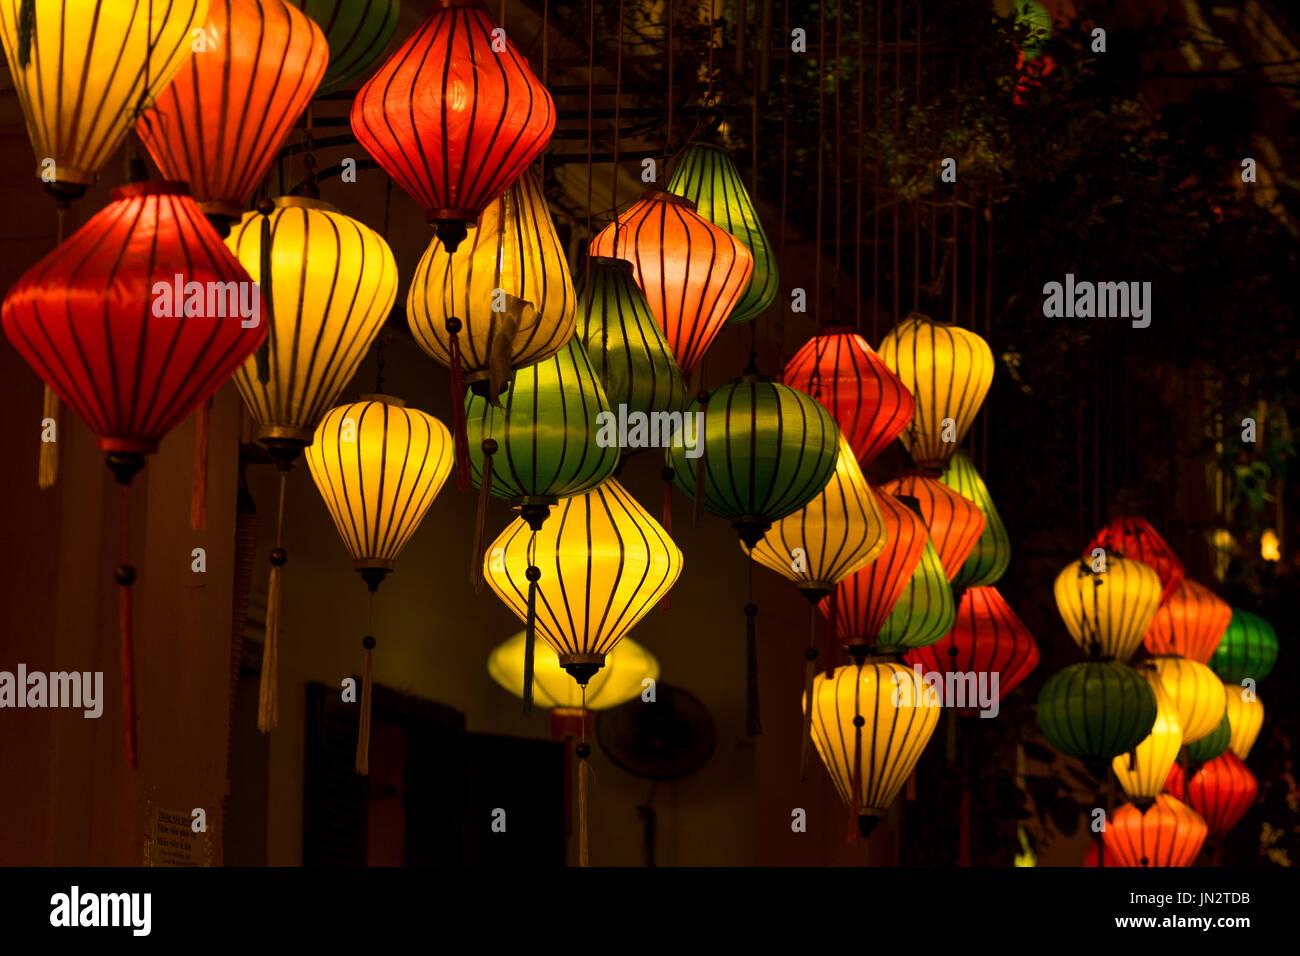 Colorate lanterne di seta incandescente in serata ad Hoi An, Vietnam, noto per i suoi disegni a lanterna Immagini Stock